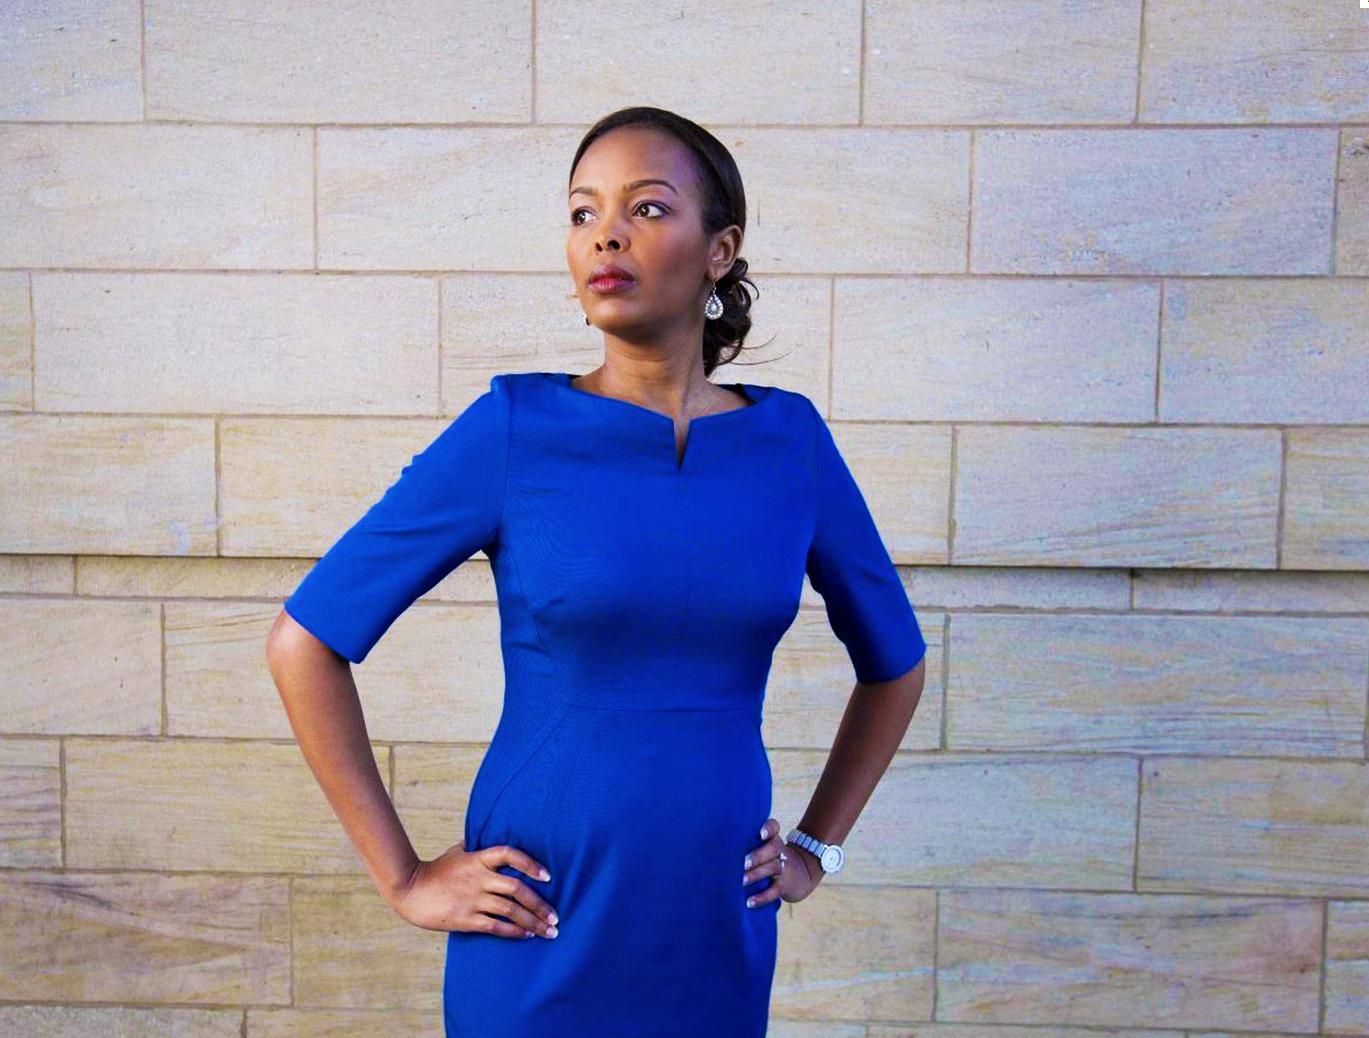 atheist-somali-woman